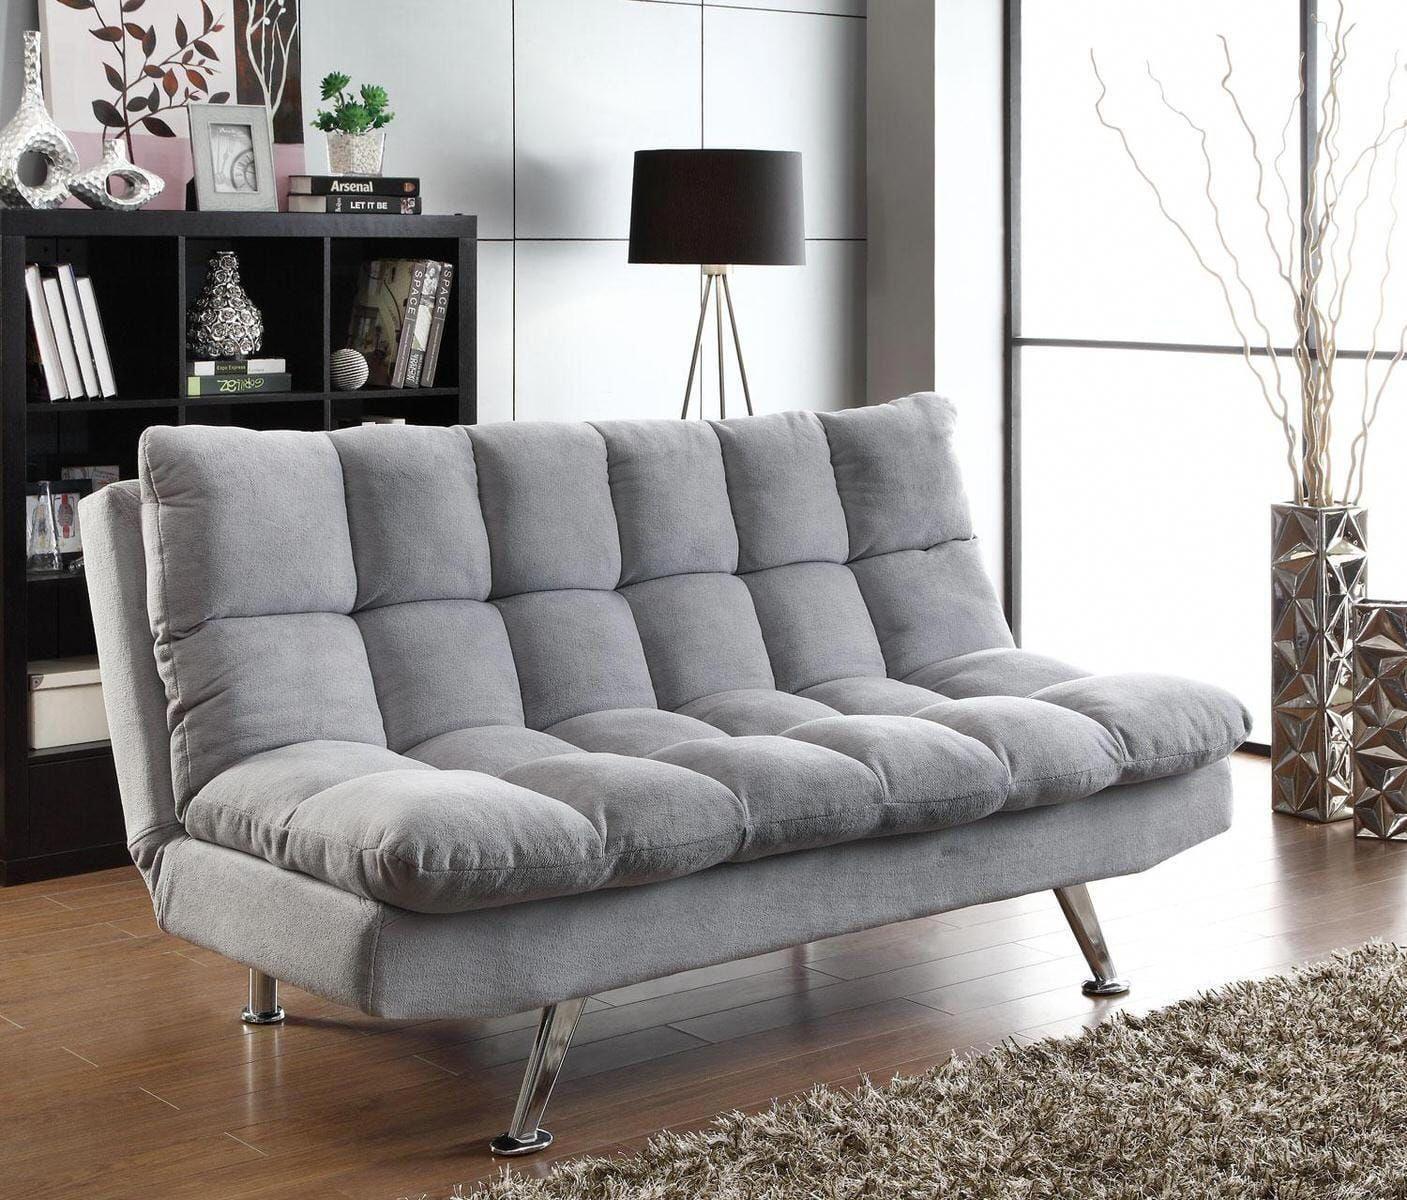 Sofa Bed Air Mattress Queen Replacement furnituredepok